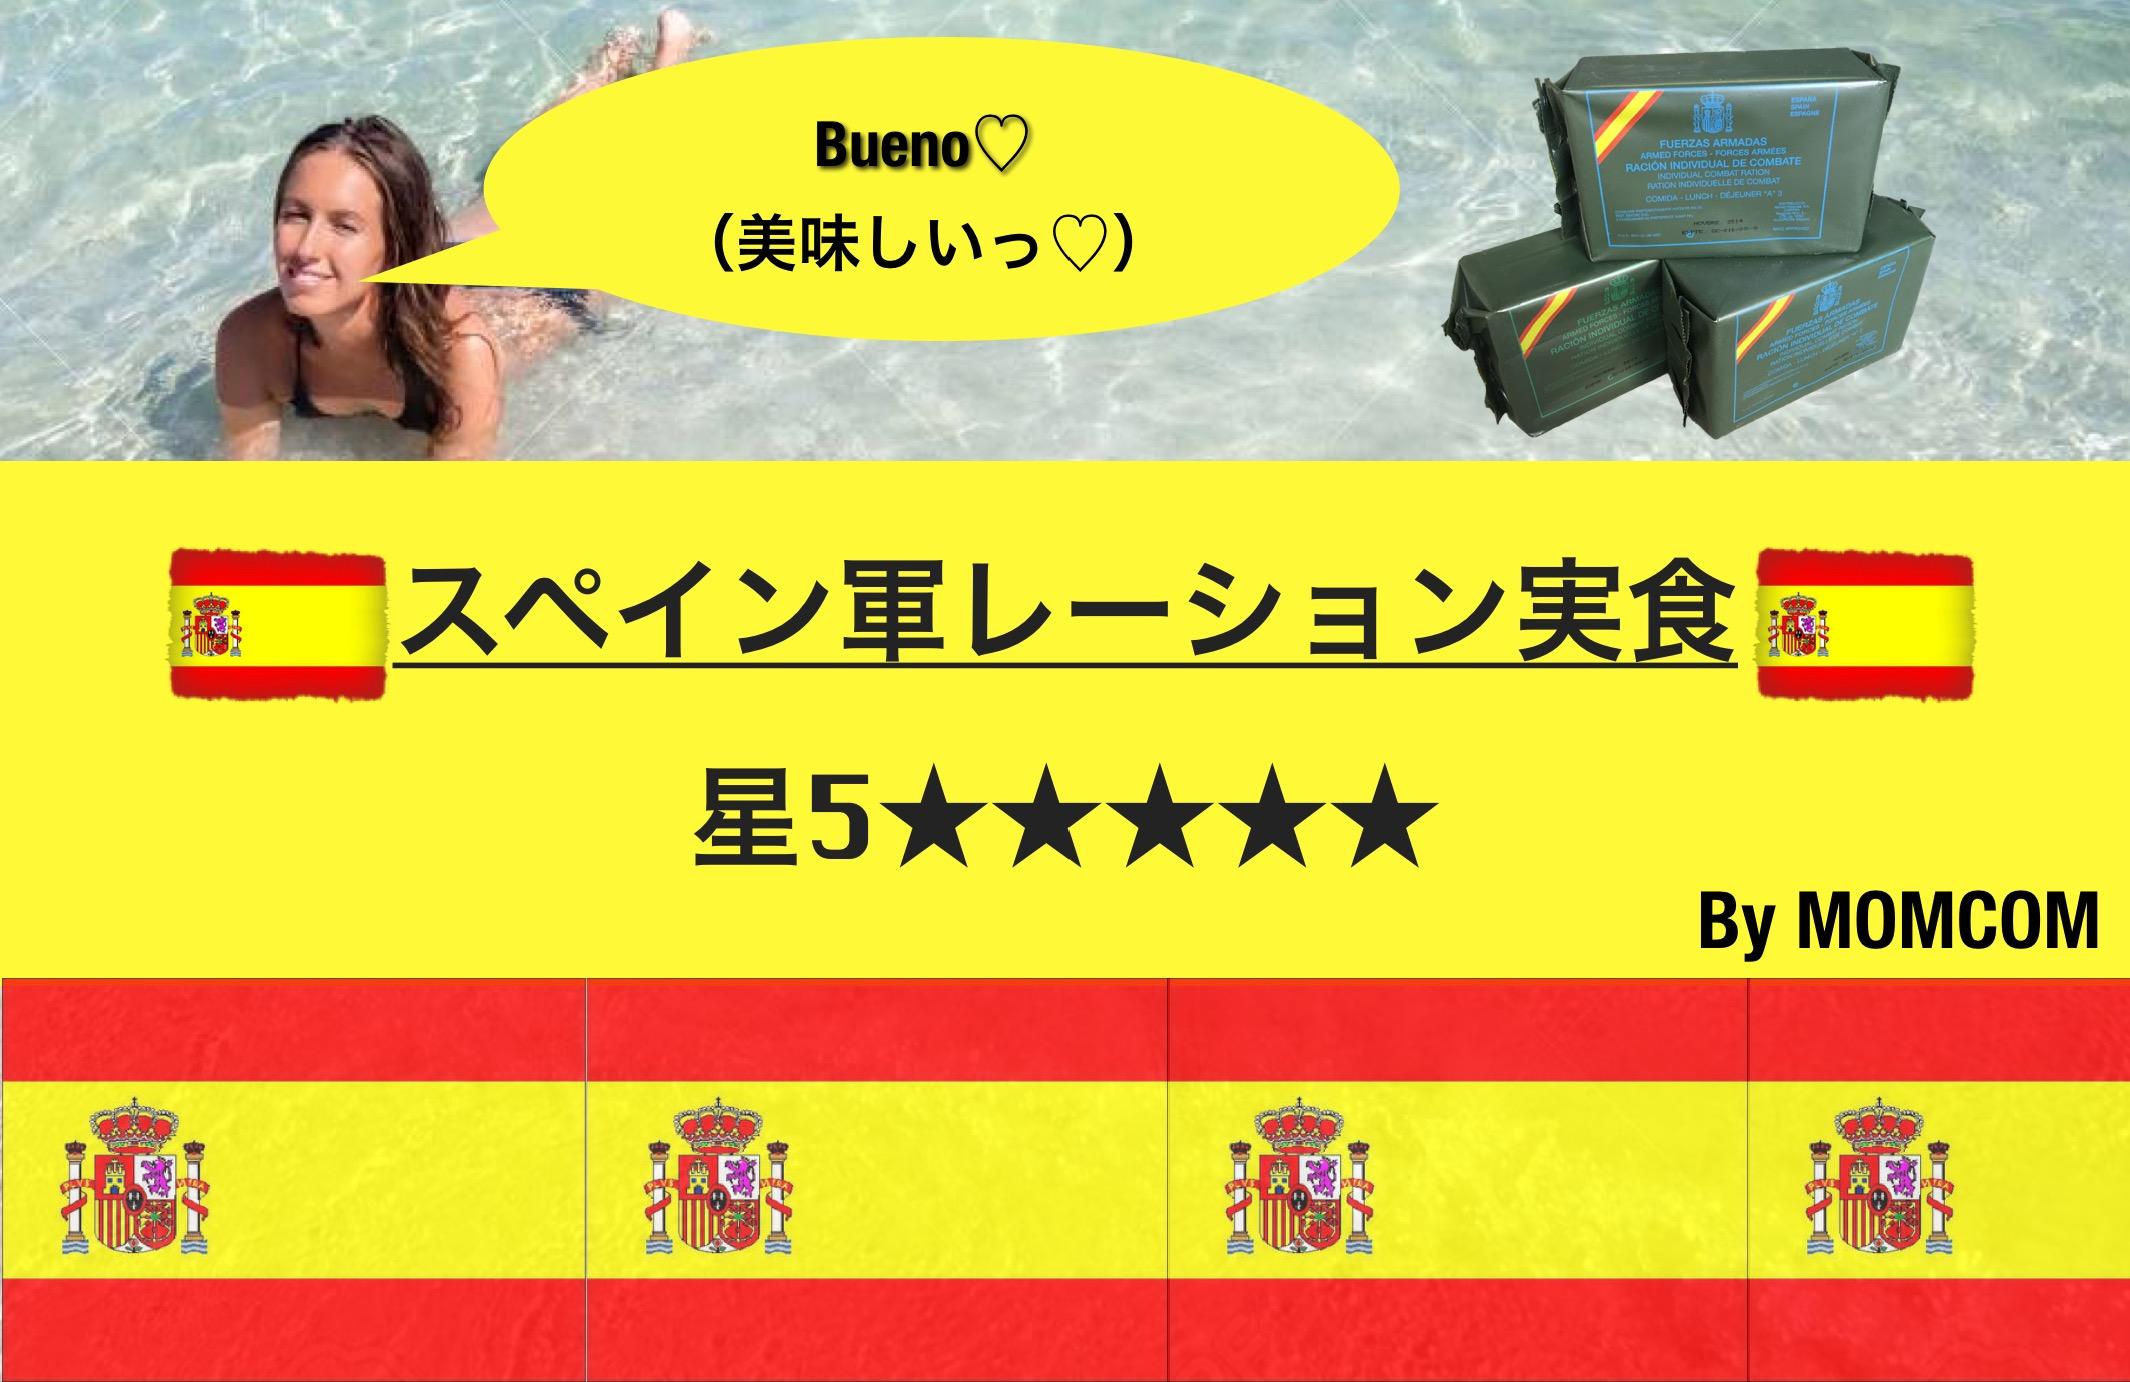 スペイン軍レーションのバナー